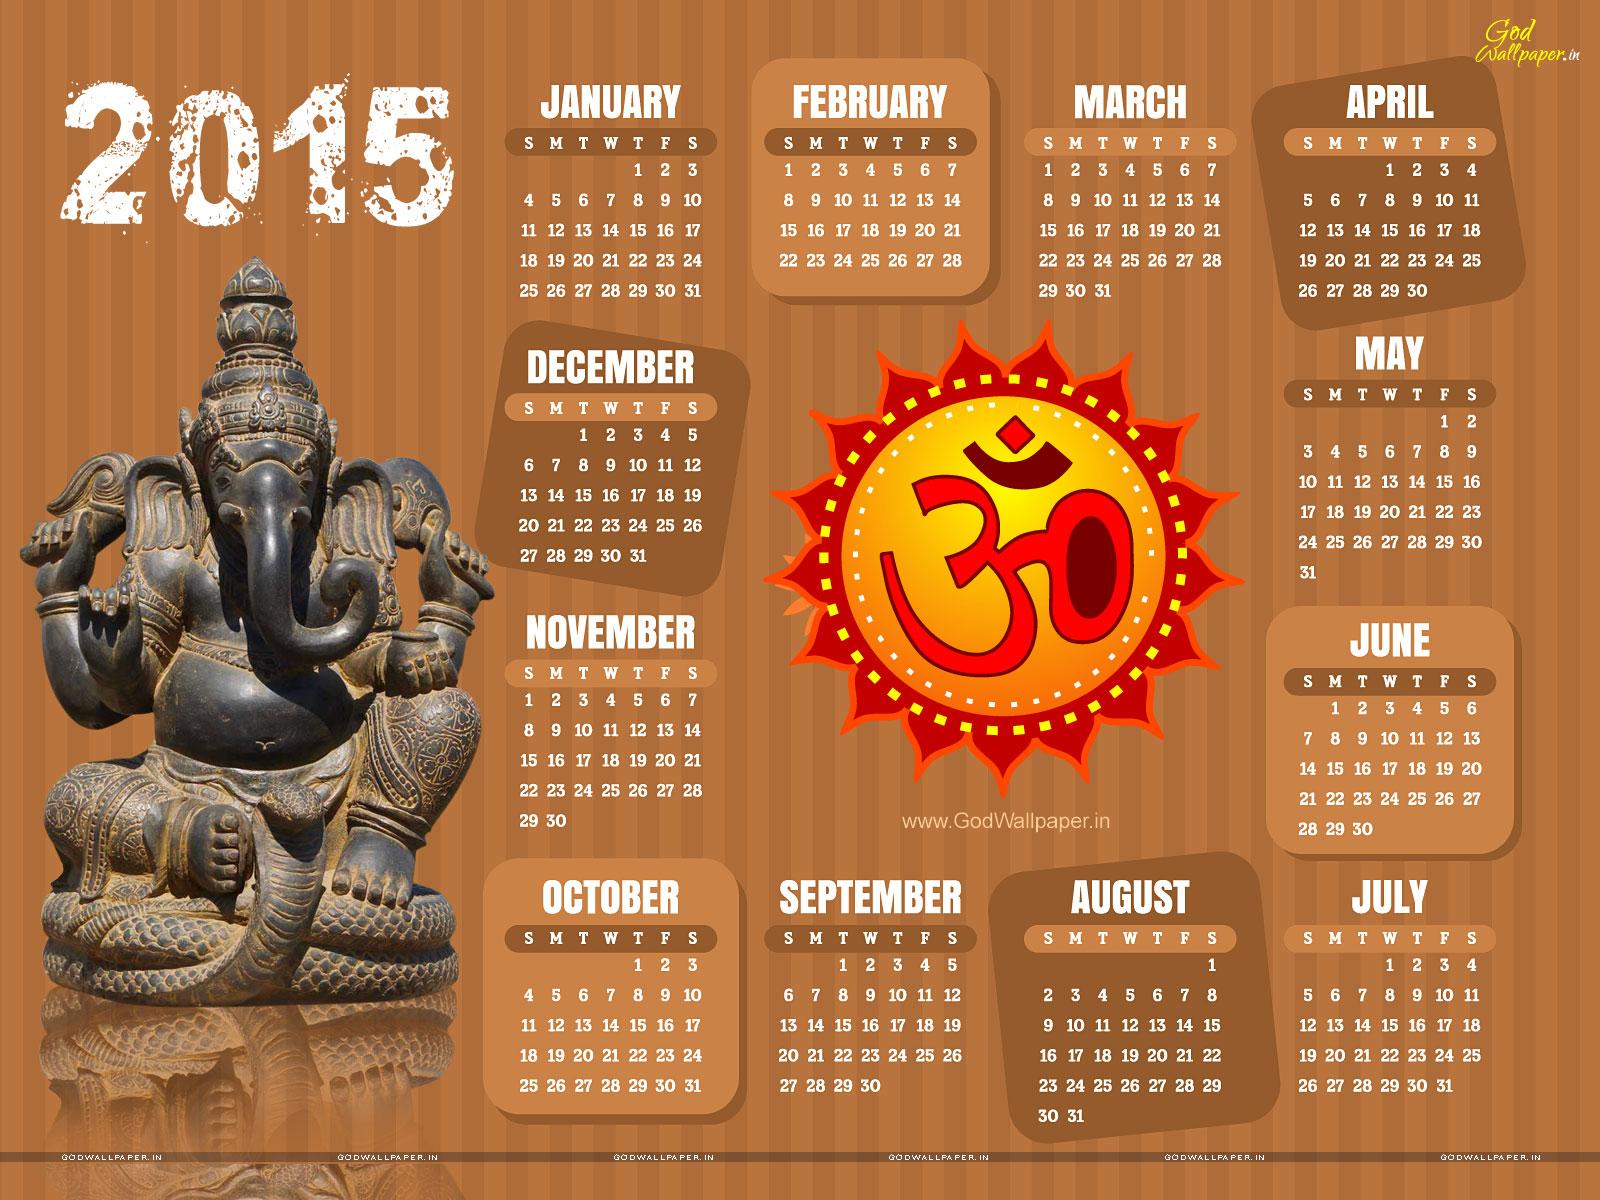 2015 Year Calendar Wallpaper Download 2015 Calendar by Month 1600x1200